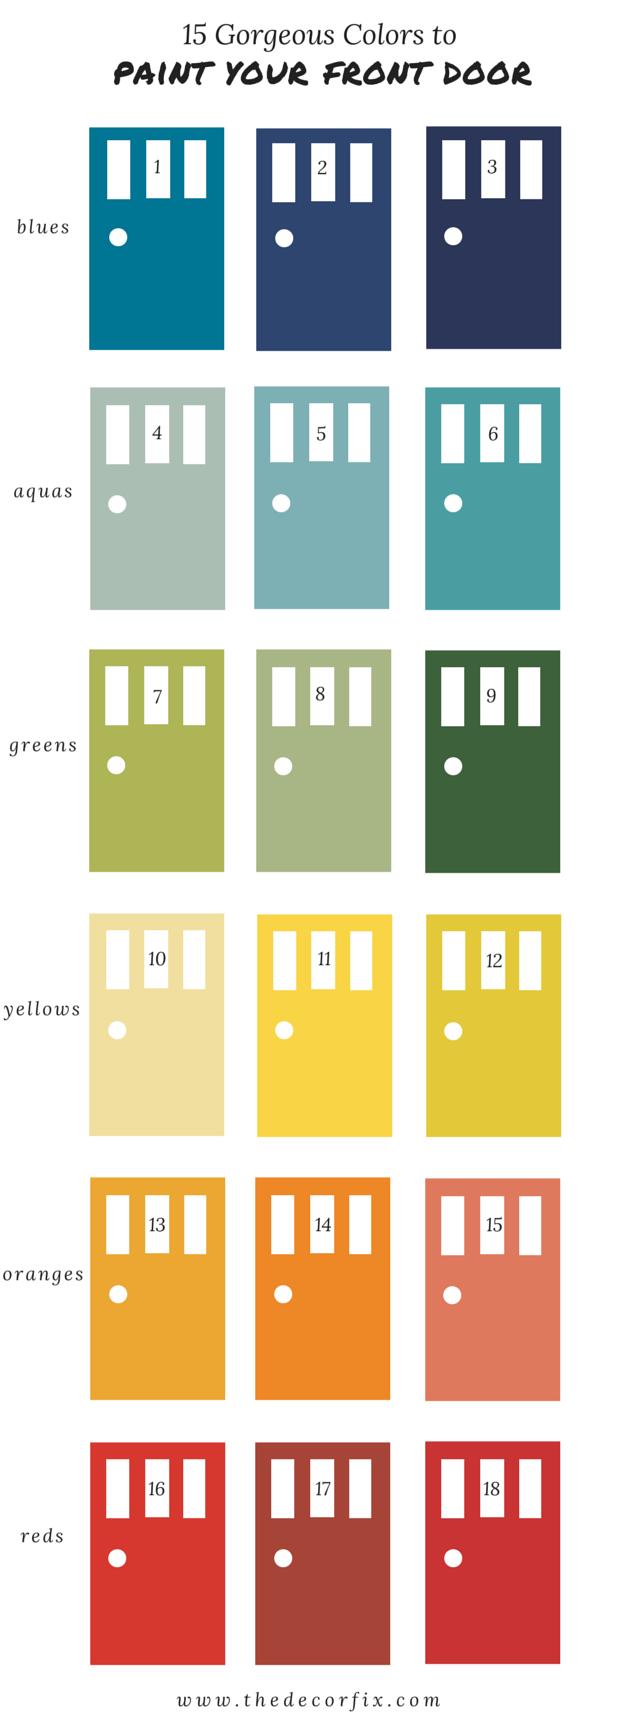 The best paint colors for your front door front doors doors and the best paint colors for your front door rubansaba